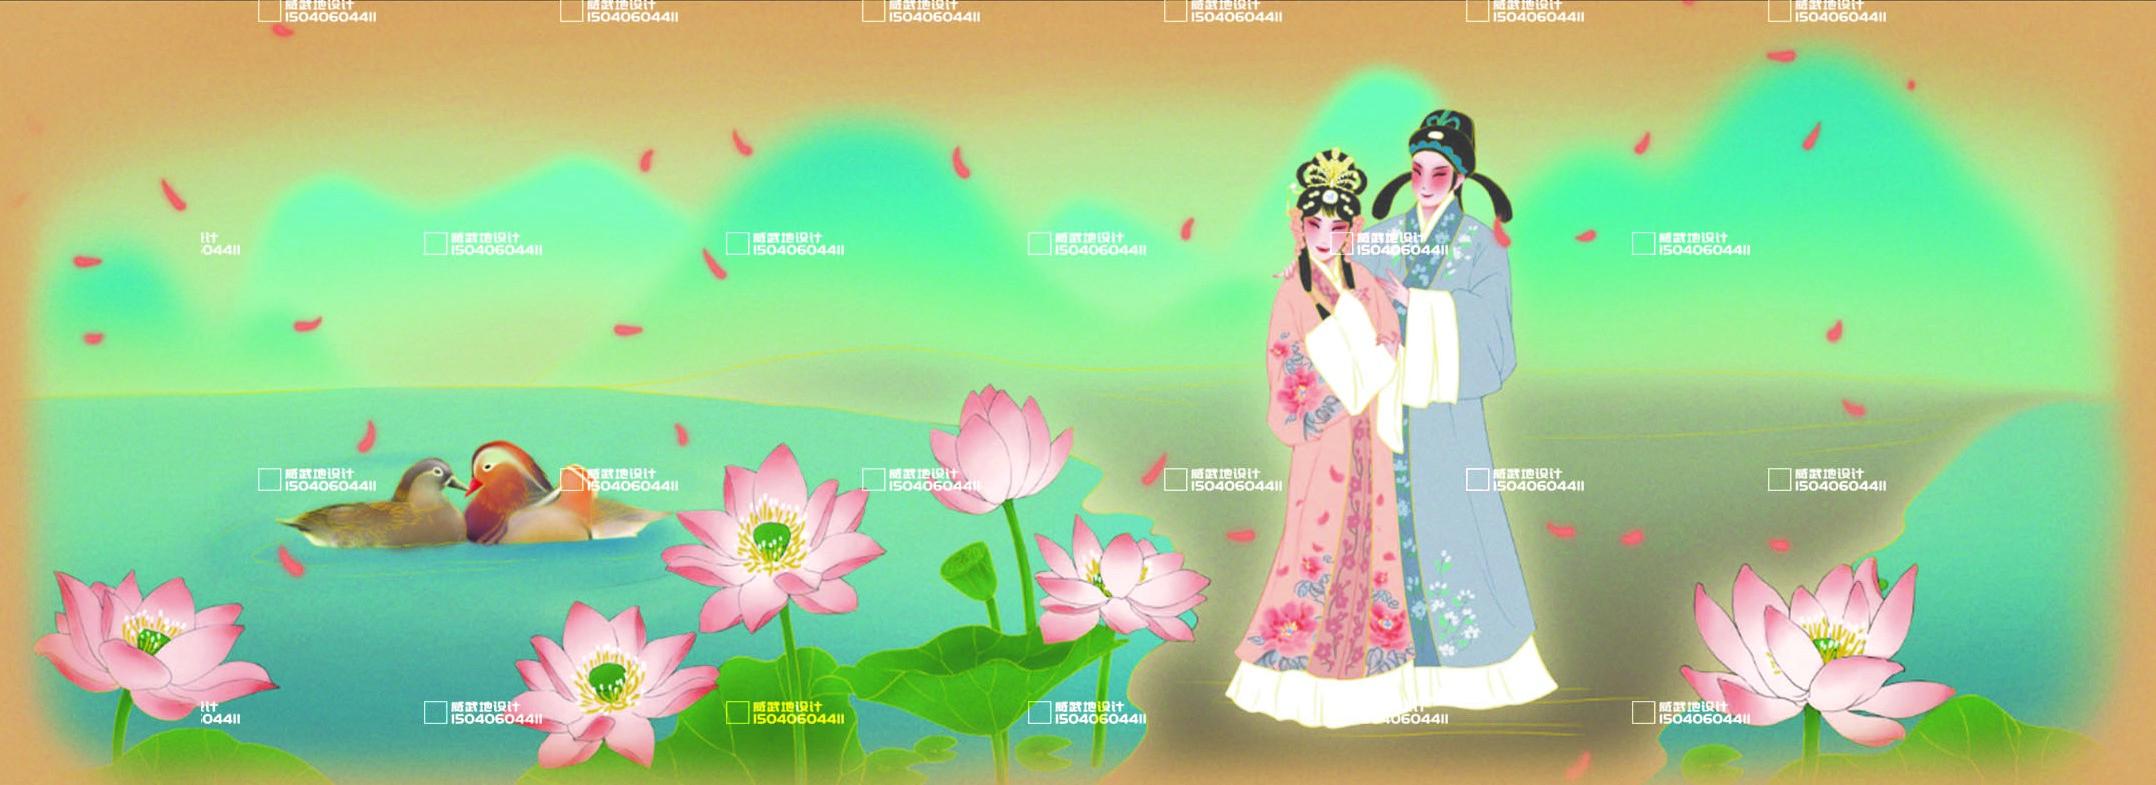 _新媒体插画-故事配图-童书绘本-视频 包装 服装插画文创设计11